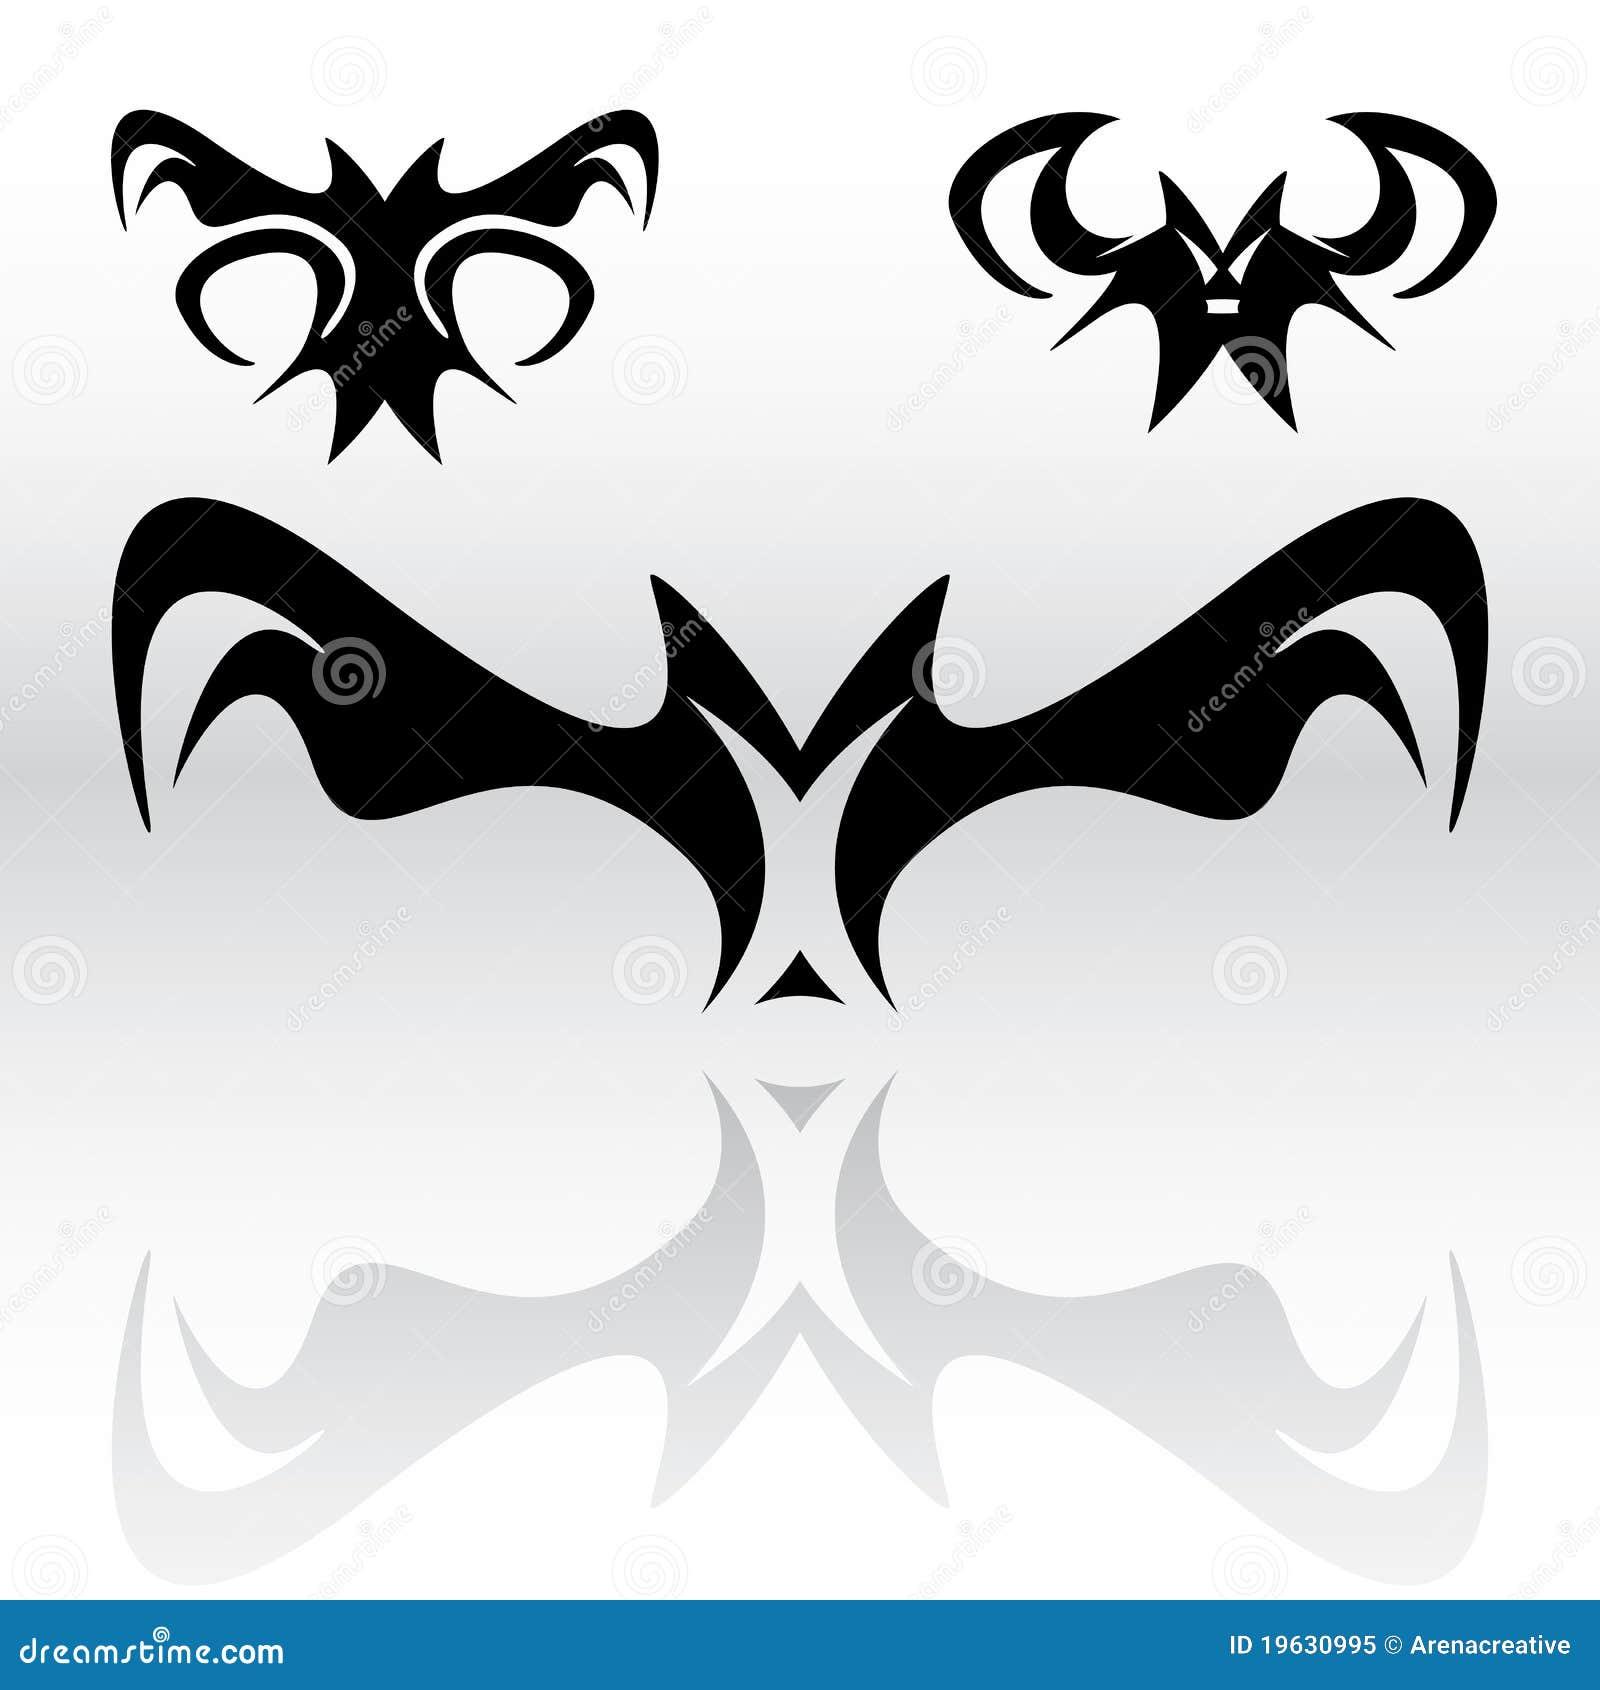 e59ba0d5c Vampire Bats Clipart stock vector. Illustration of symbols - 19630995